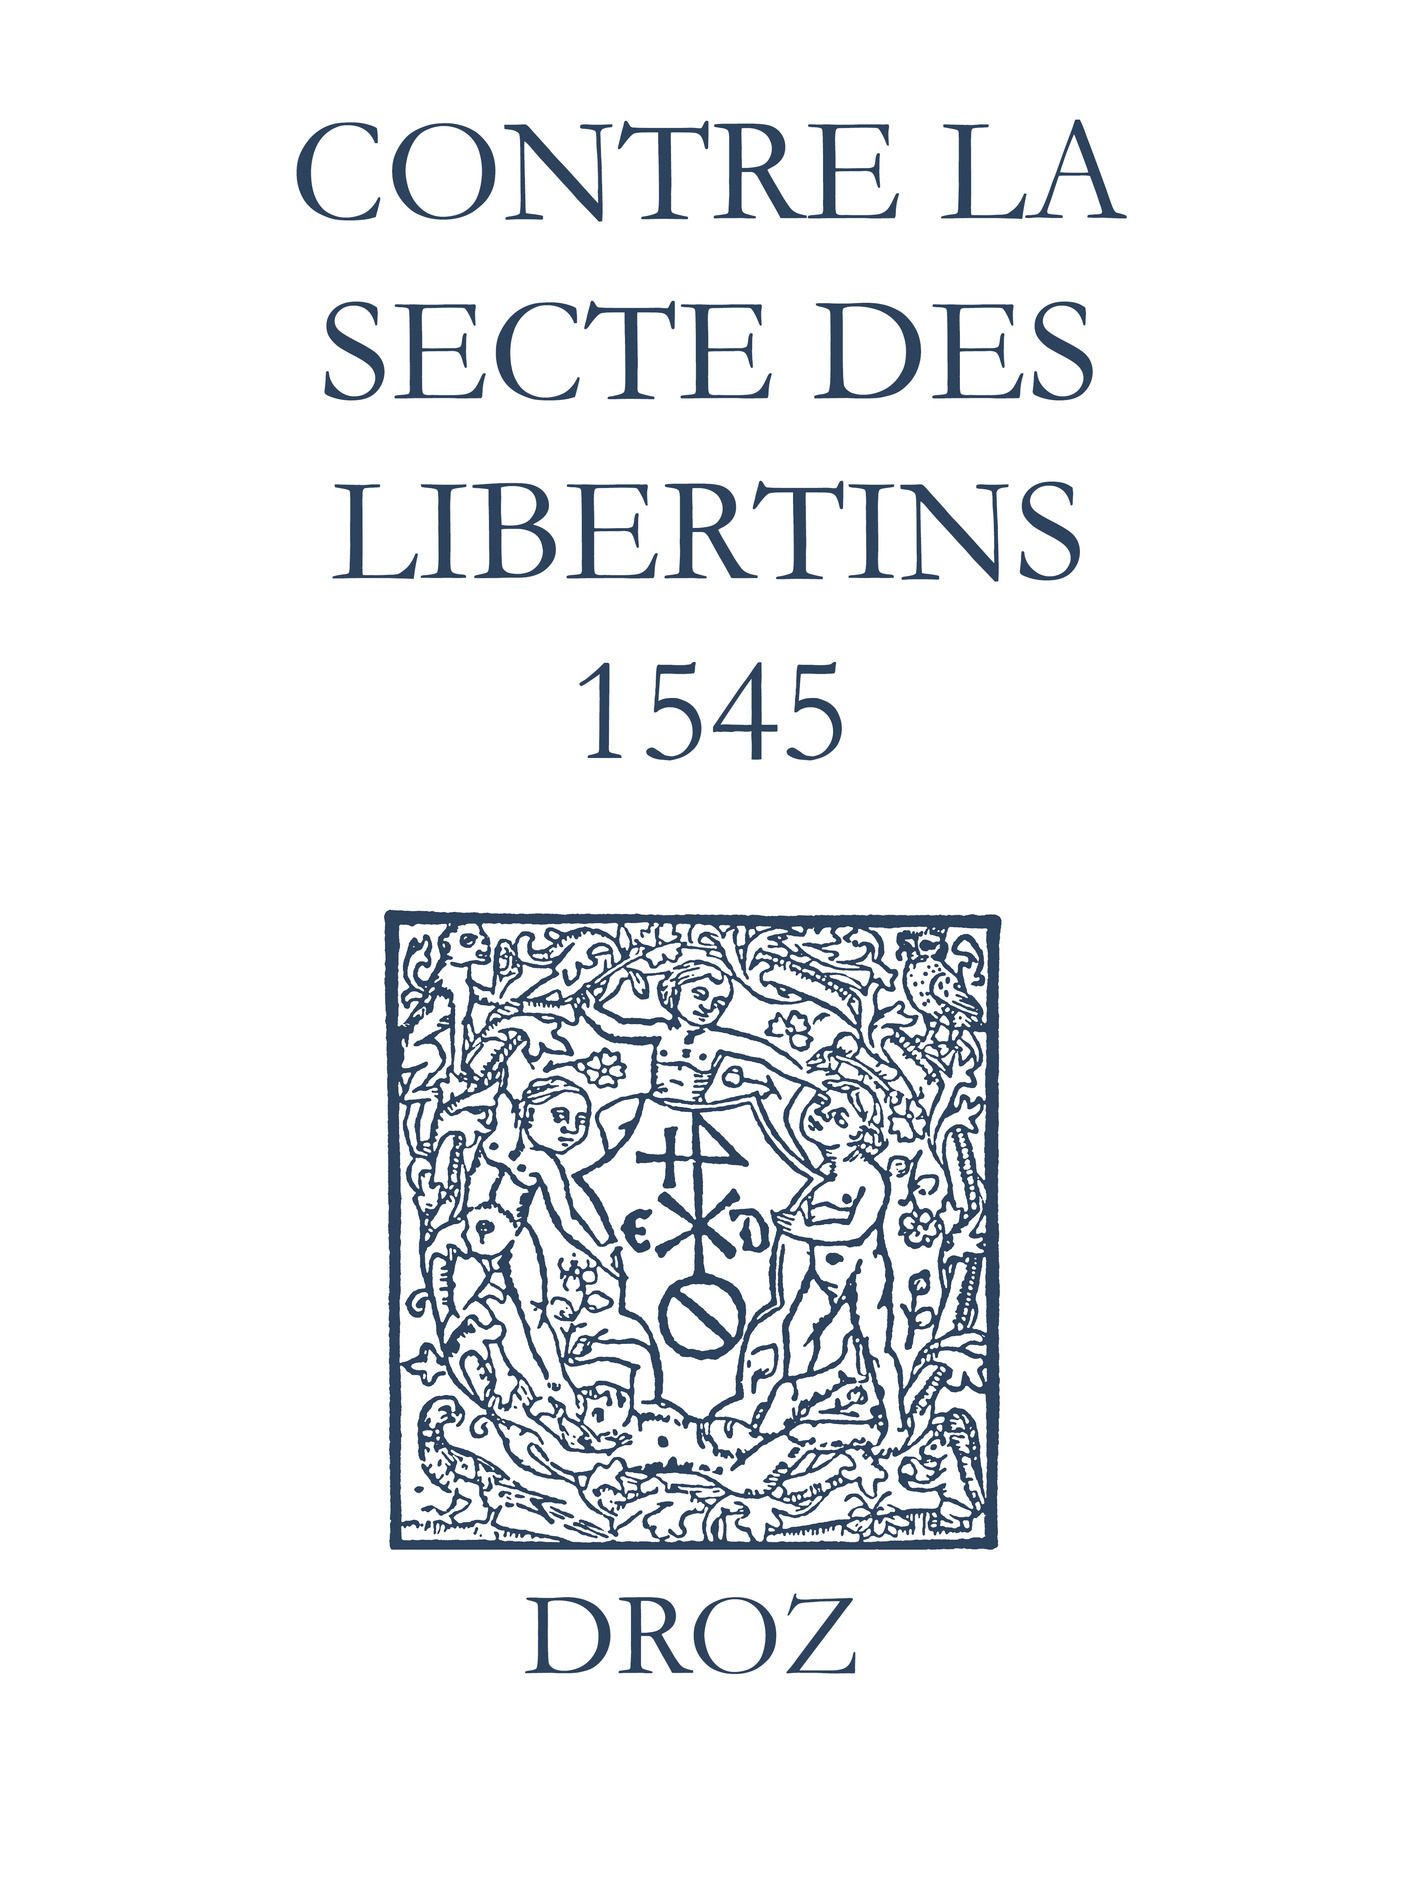 Recueil des opuscules 1566. Contre la secte des libertins (1545)  - Laurence Vial-Bergon  - Jean Calvin